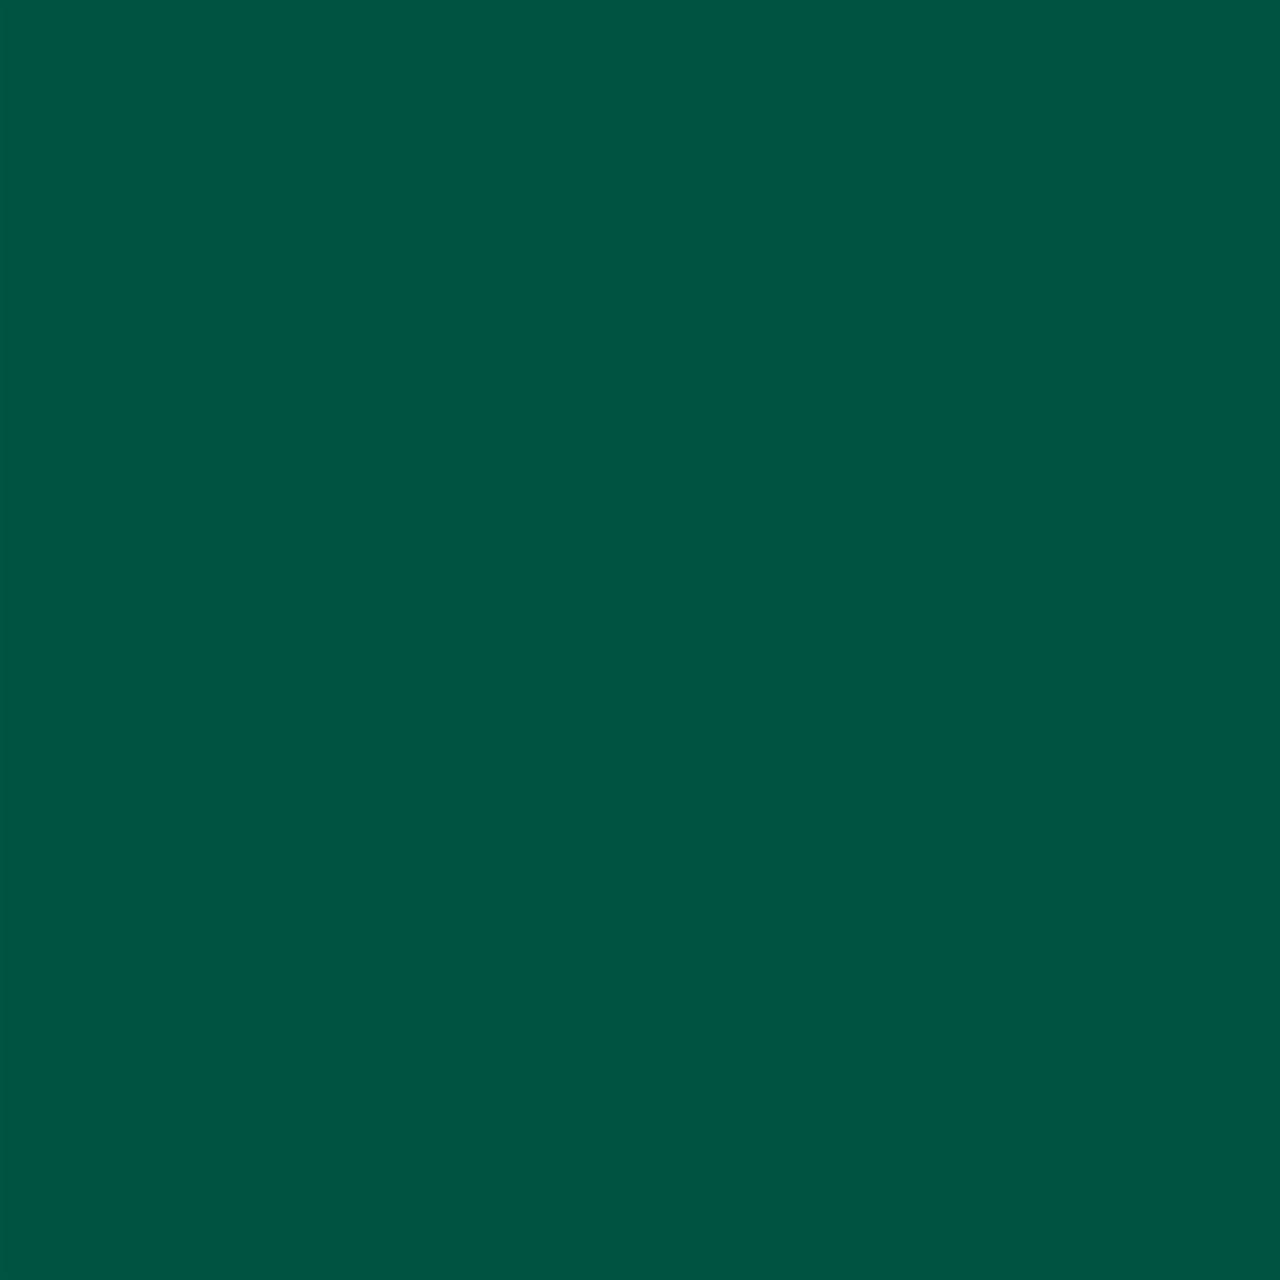 Алюкобонд 318 темно-зеленый 8821 ARABOND